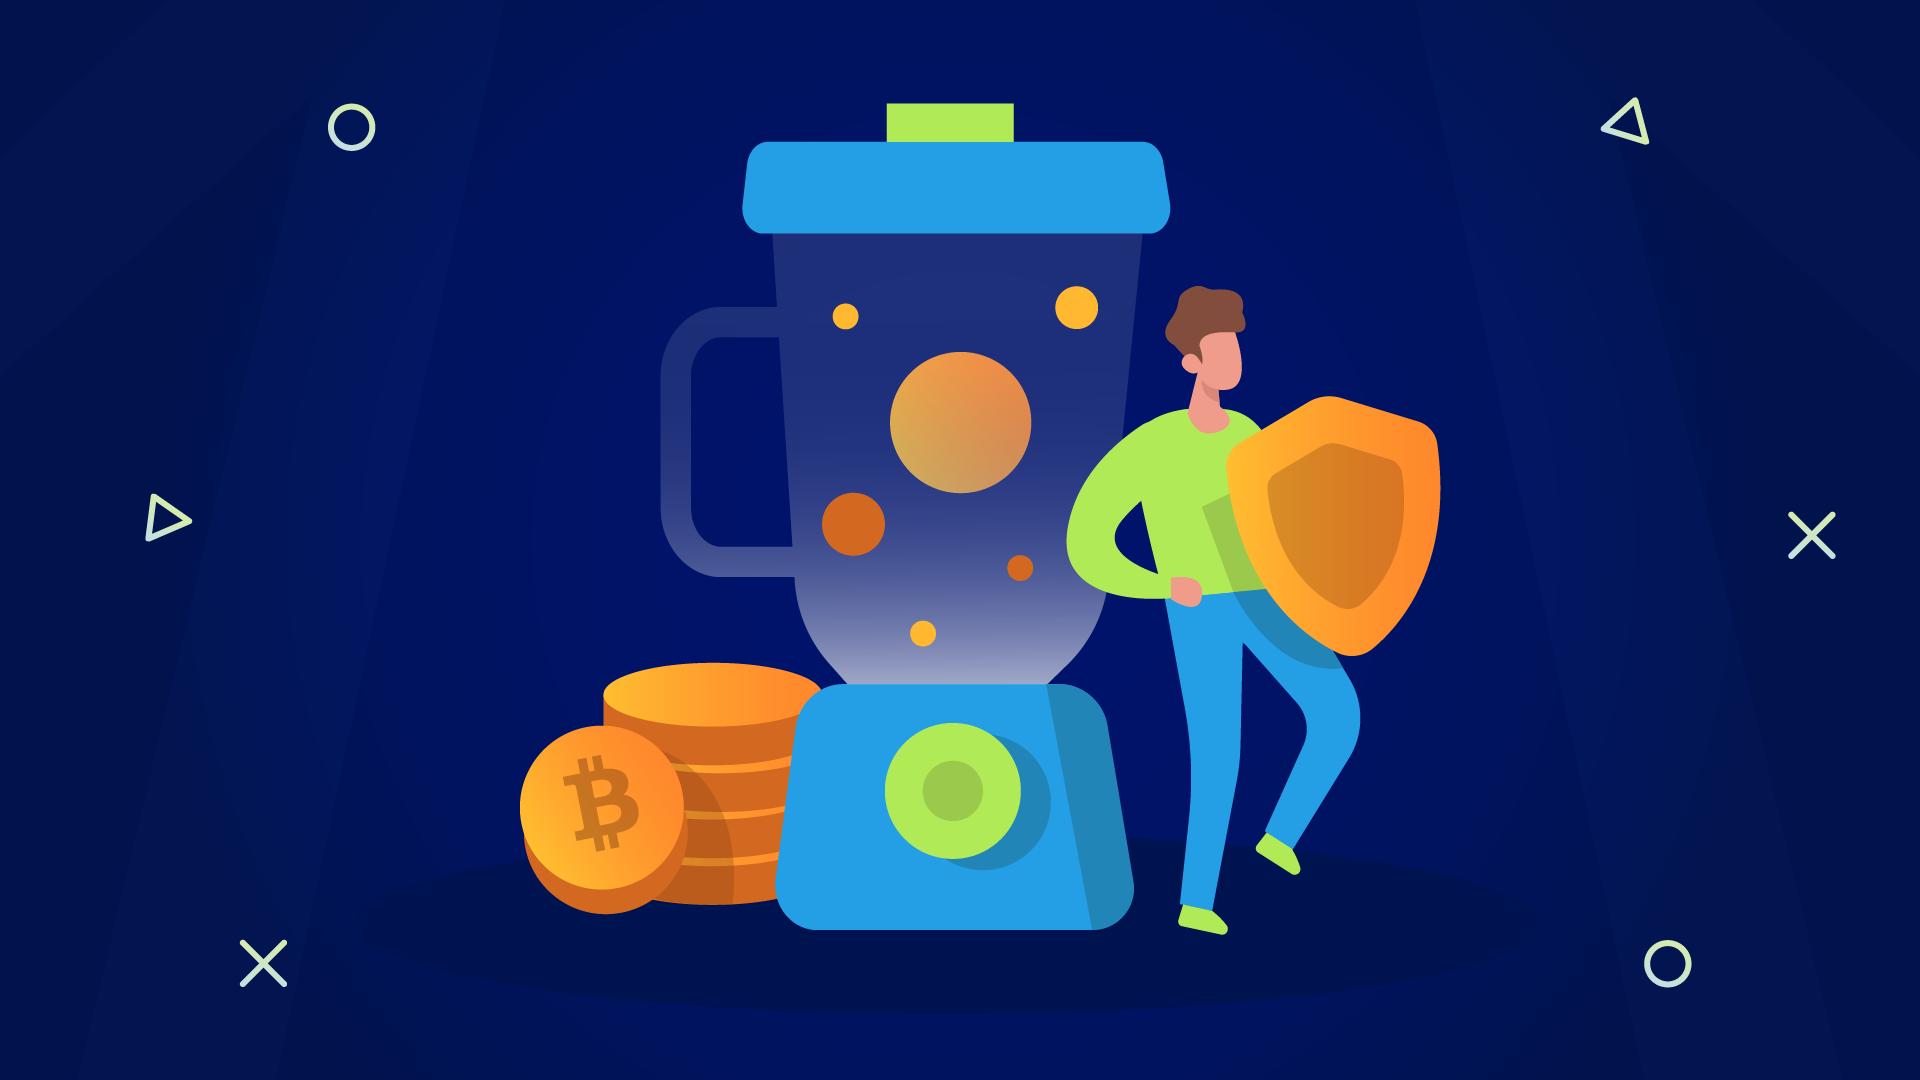 MyCryptoMixer 2020 - Mixer Bitcoin Terbaik Diperlukan Untuk Melindungi Anonimitas dan Privasi Pengguna